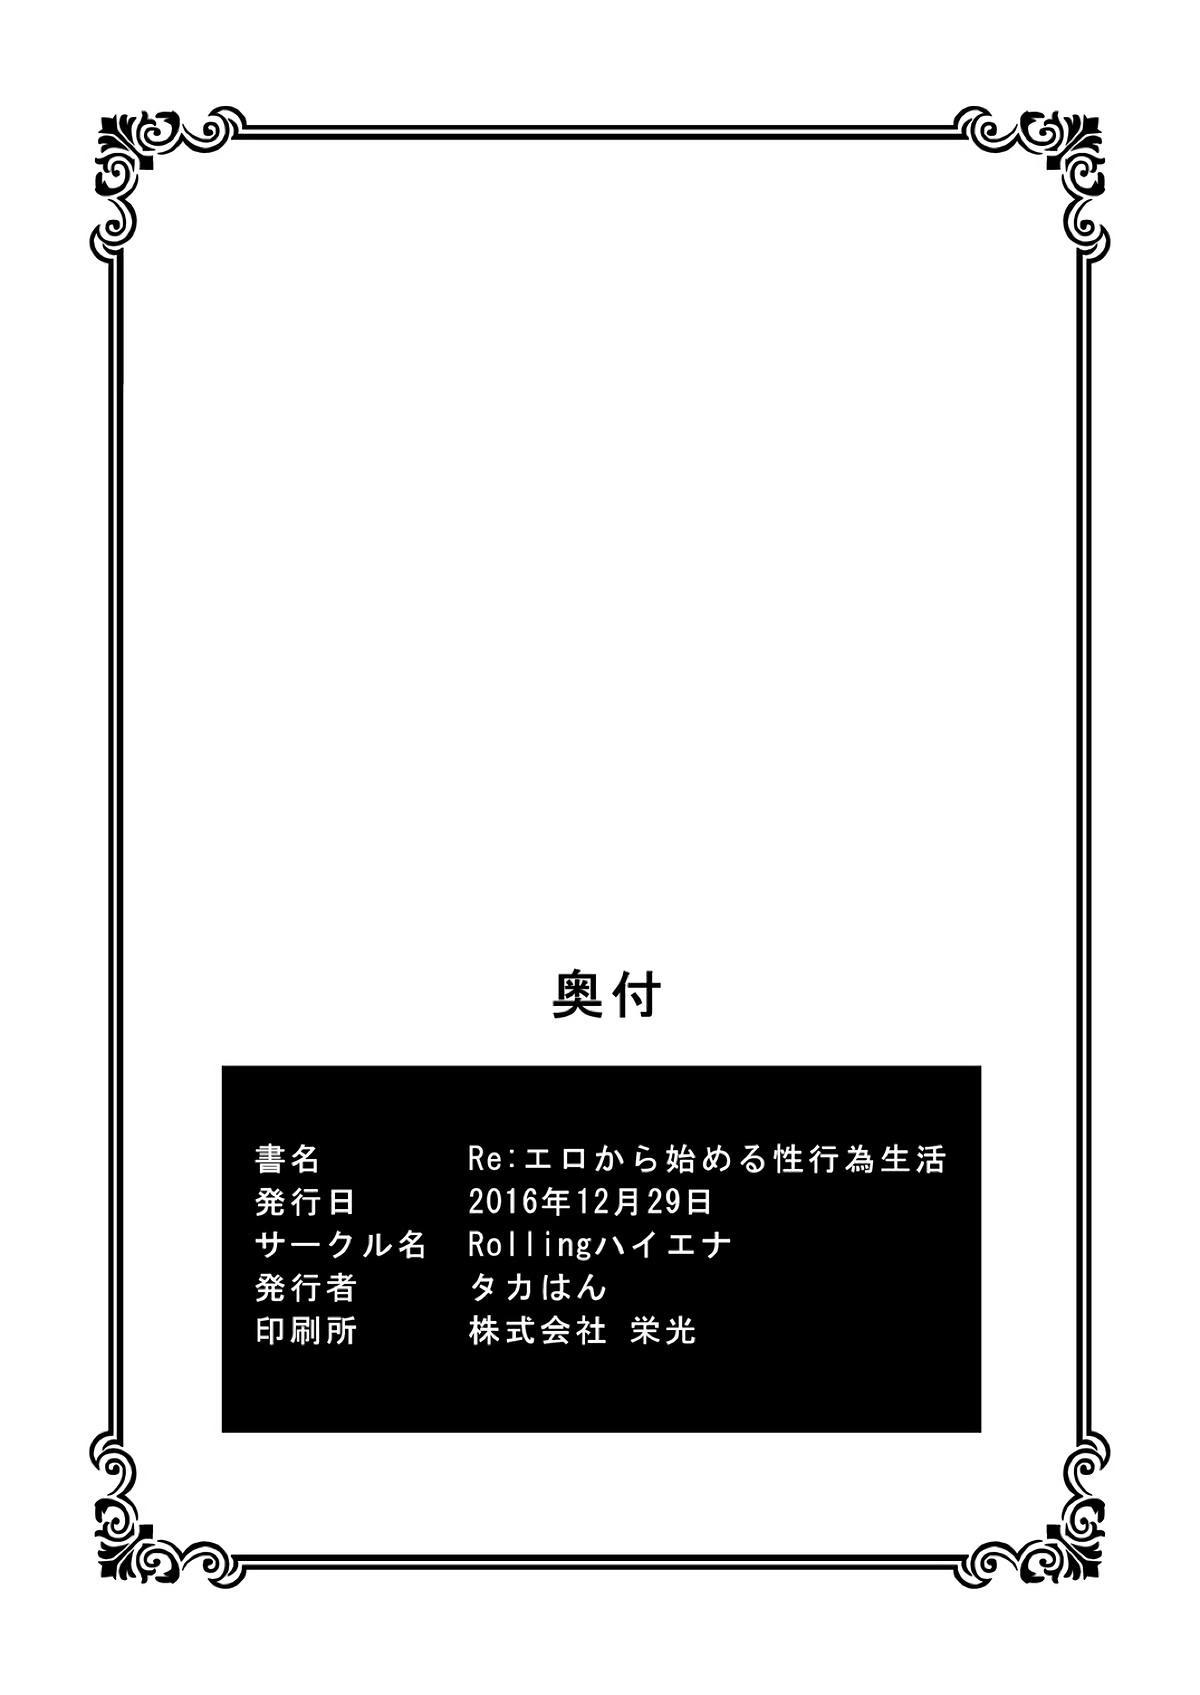 Re:Ero kara Hajimeru Seikoui Seikatsu 24